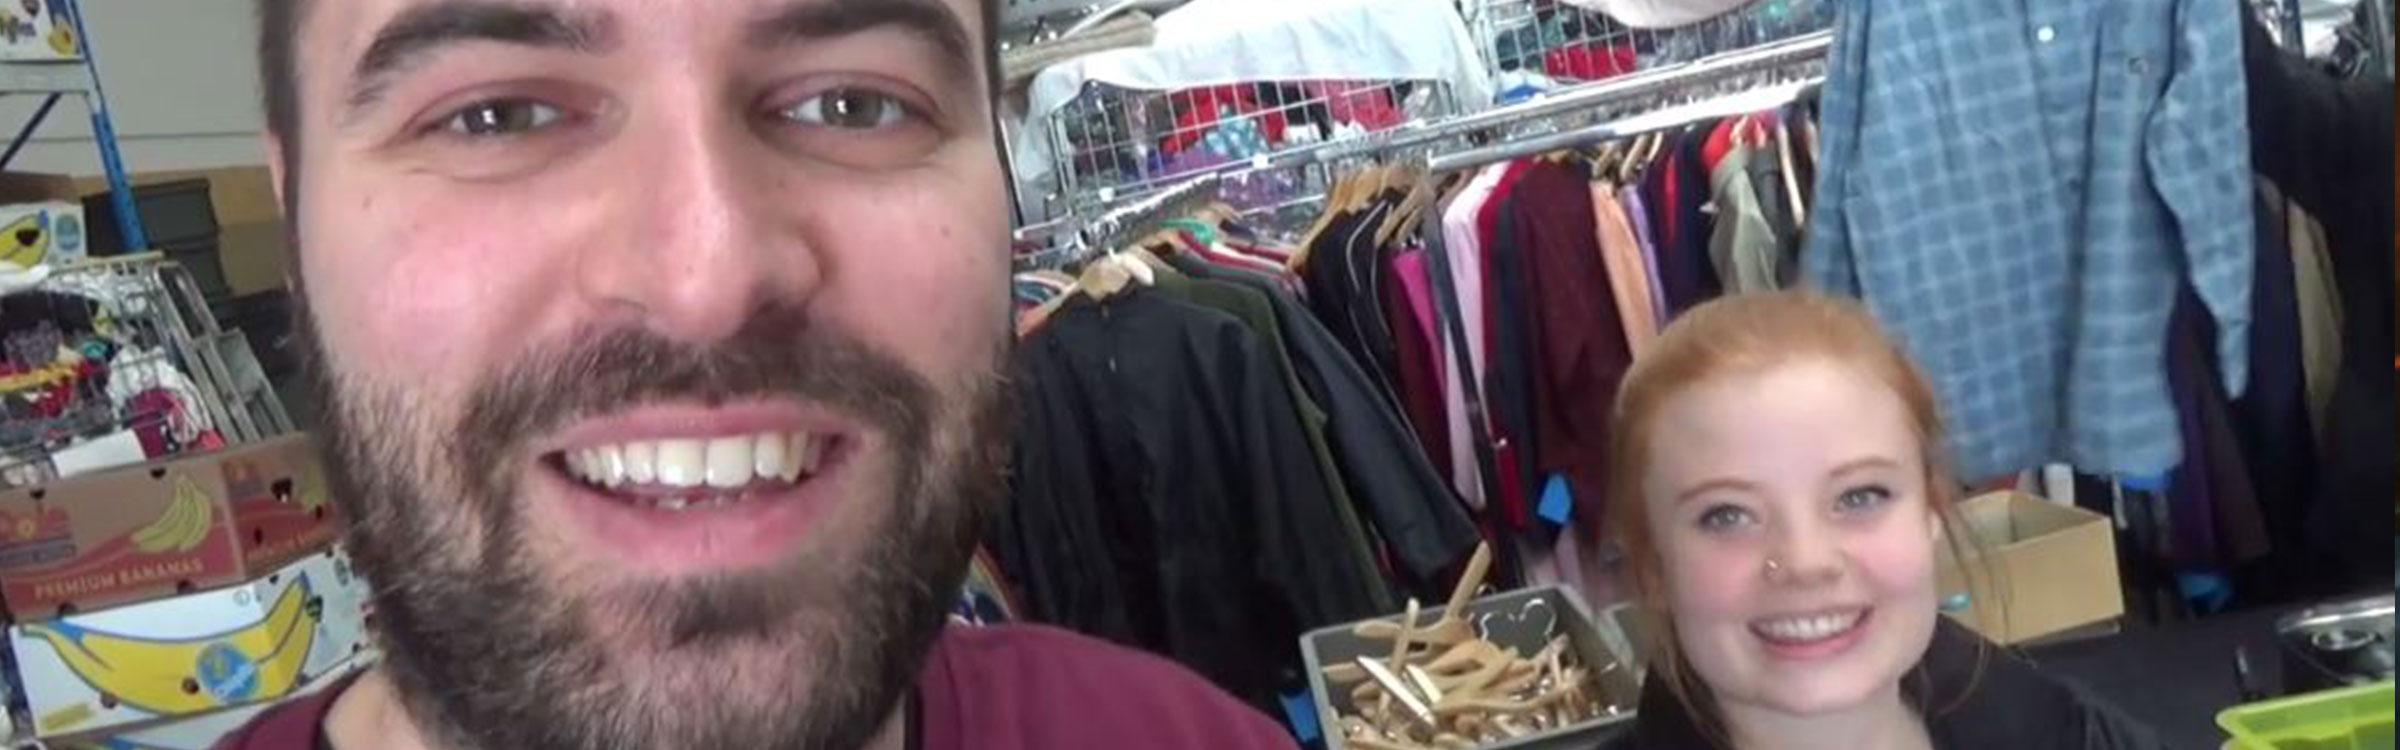 Kringwinkel vlog header